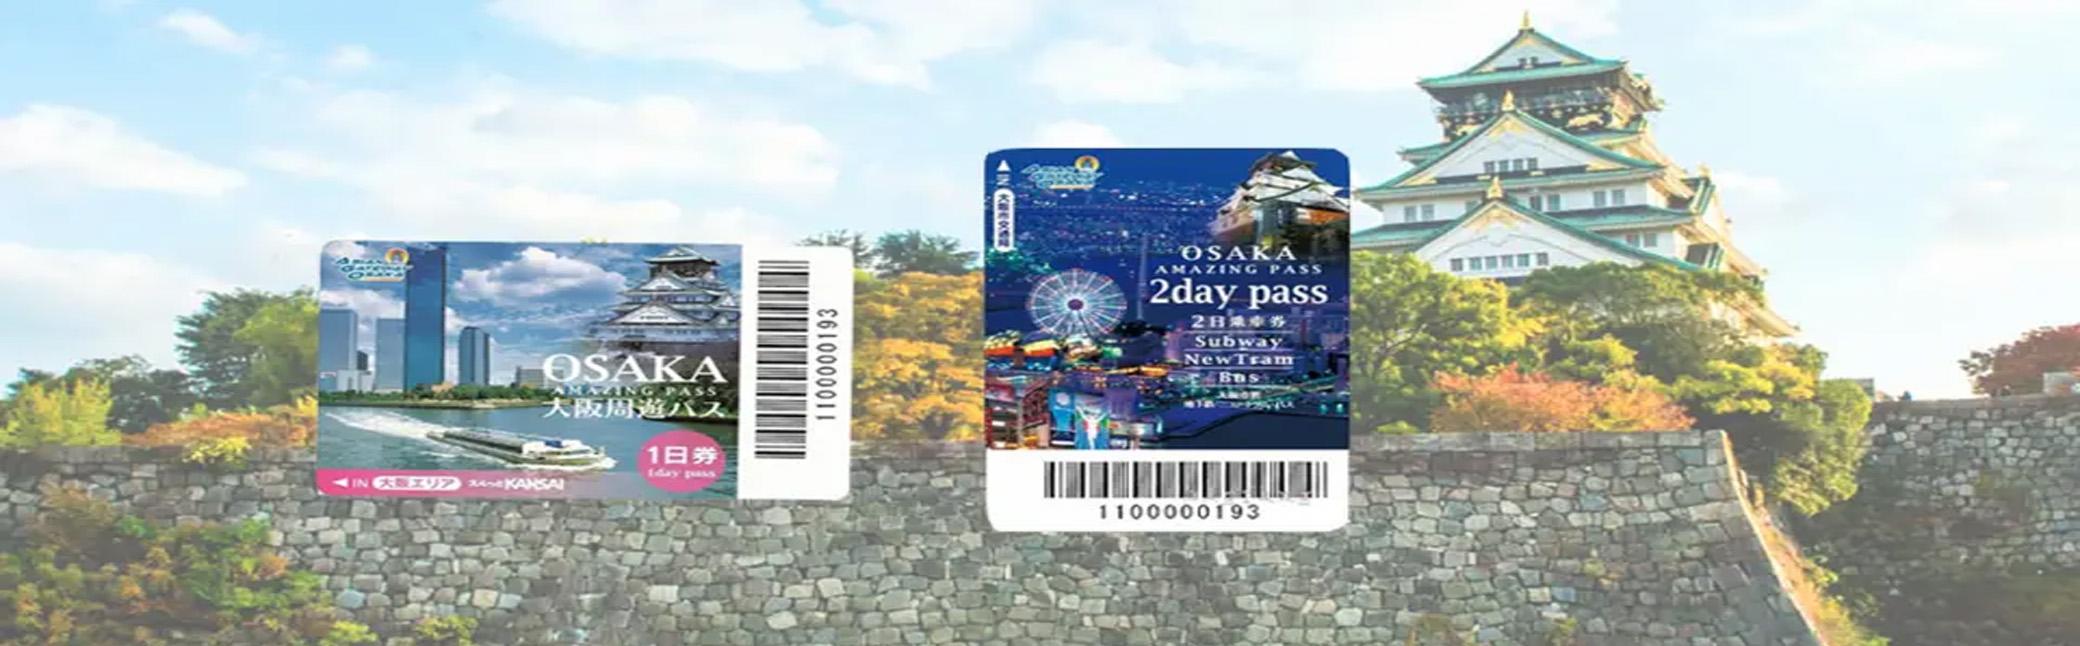 บัตรโอซาก้าอเมซิ่งพาส 2 วัน (2 Days Osaka Amazing Pass)  รับบัตรที่โอซาก้า